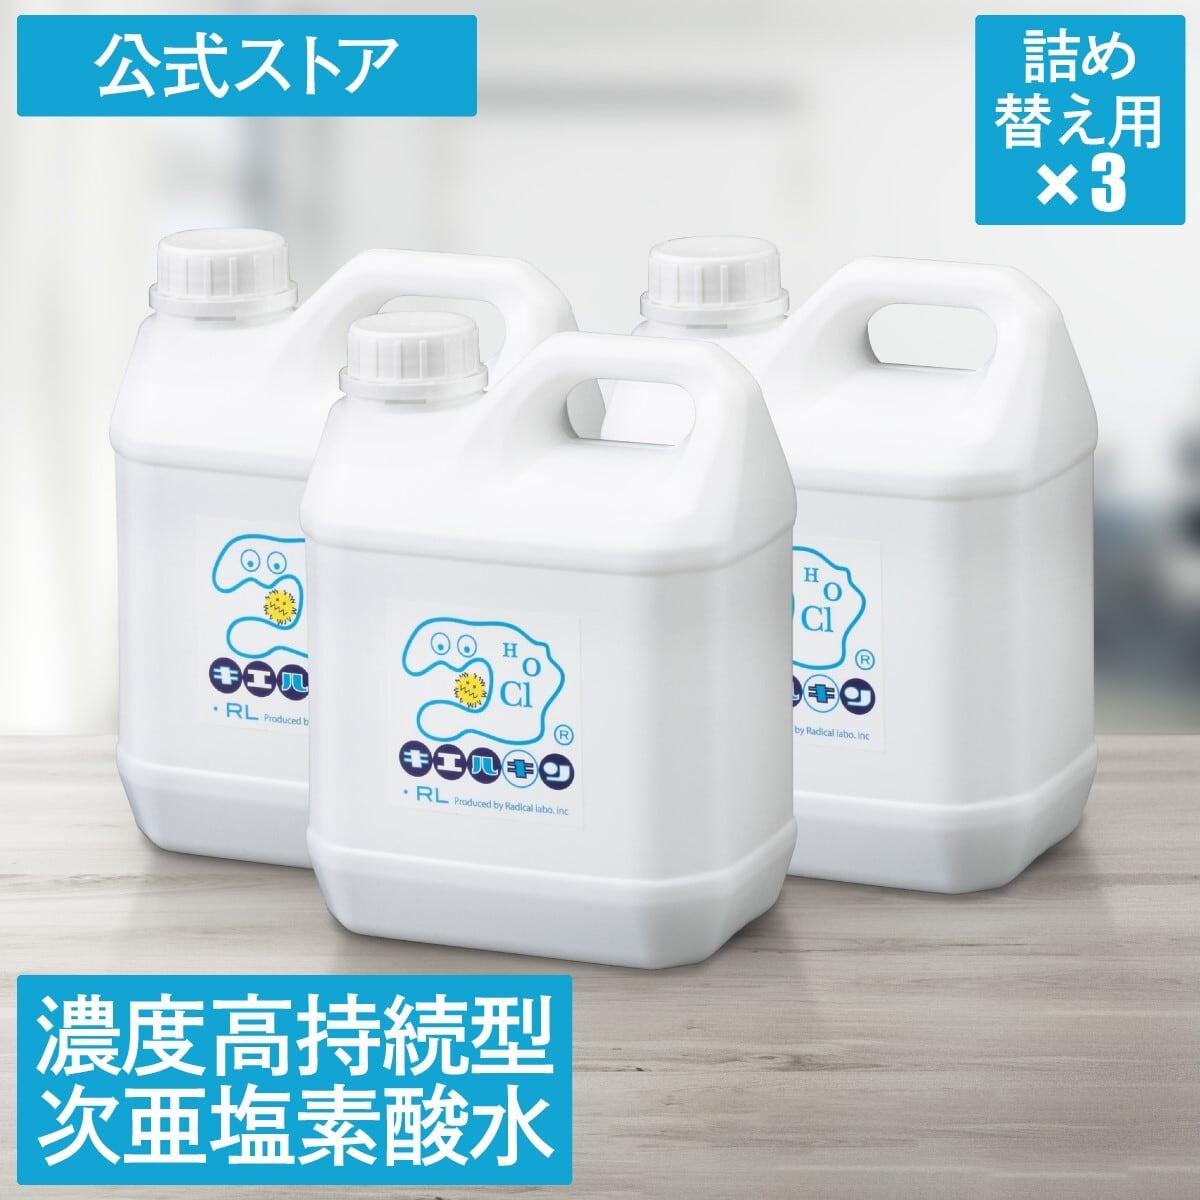 【即日発送】キエルキン2Lボトル3本セット 次亜塩素酸水溶液(除菌・消臭剤)【送料無料】